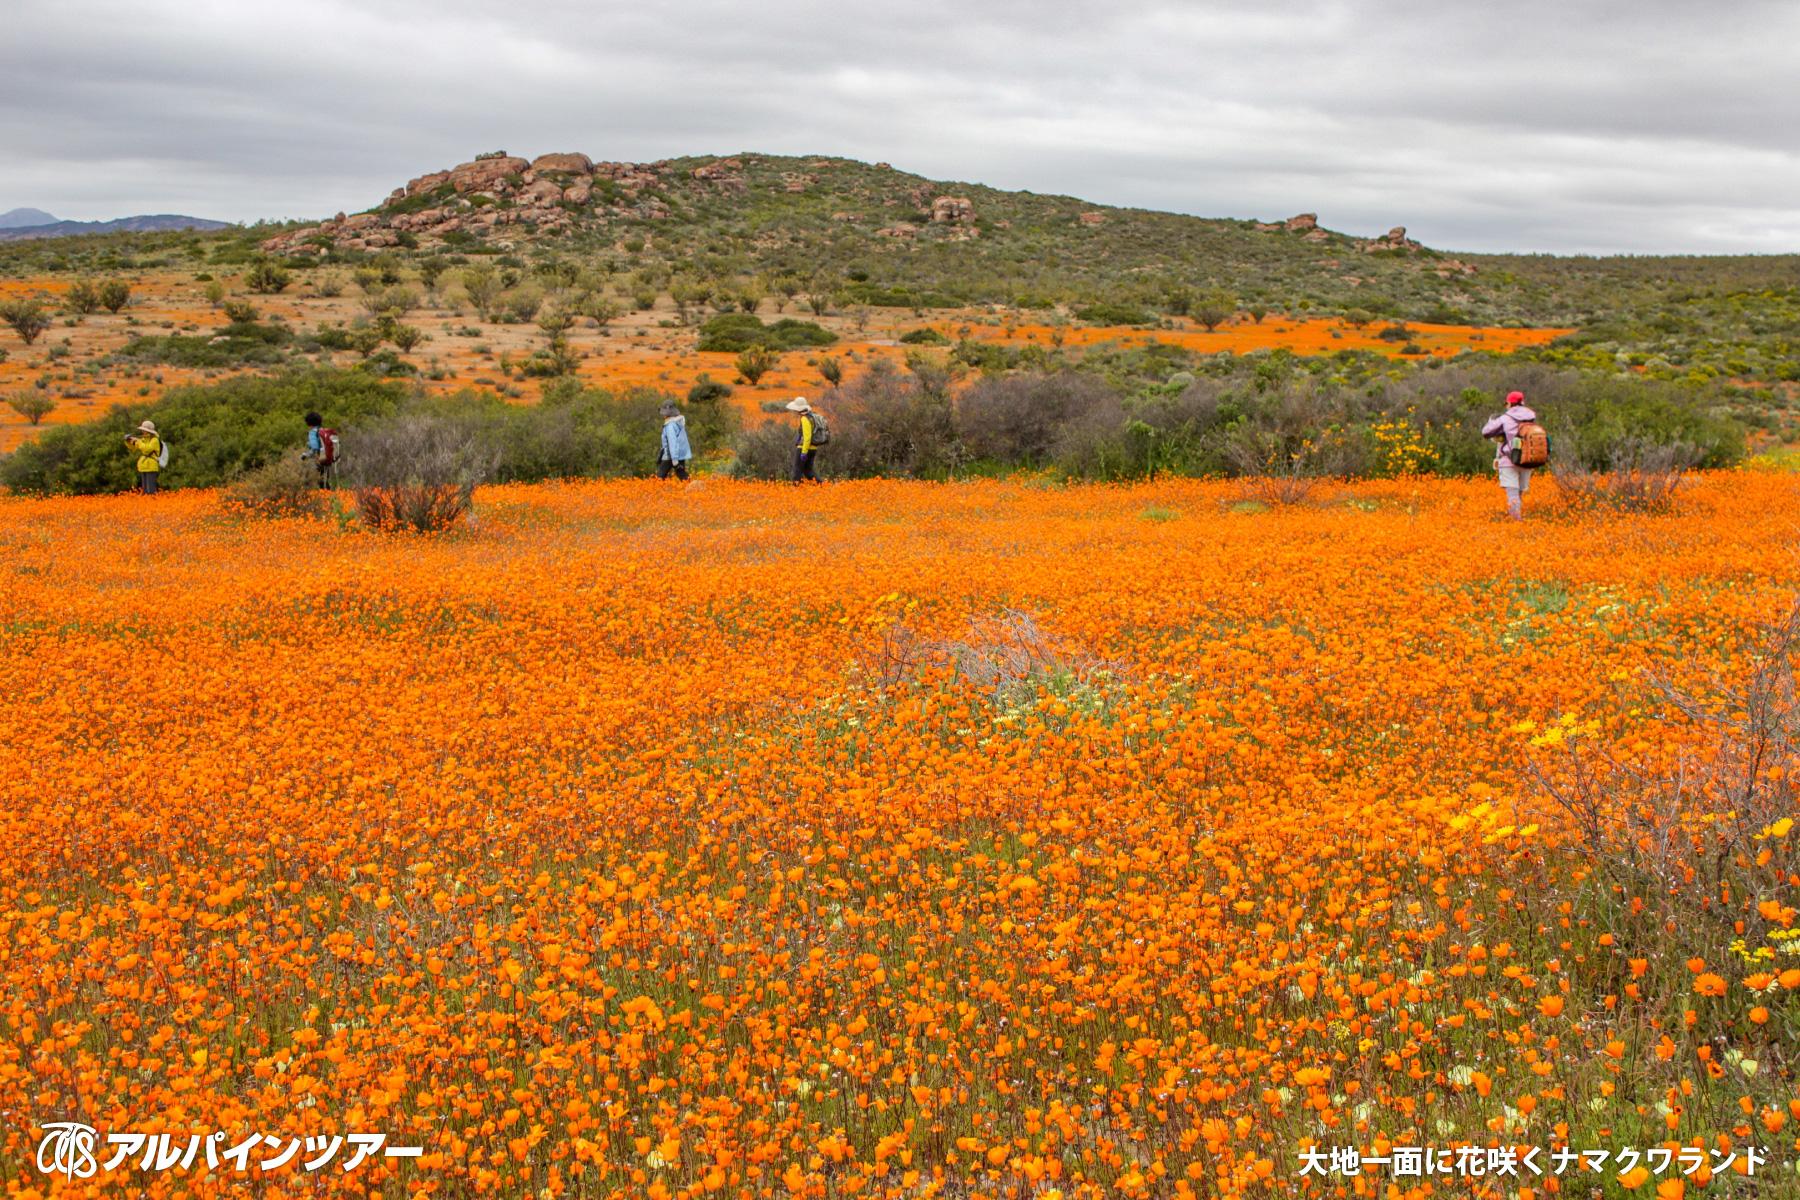 【今日の花】 デイジー(南アフリカ・ナマクワランド)